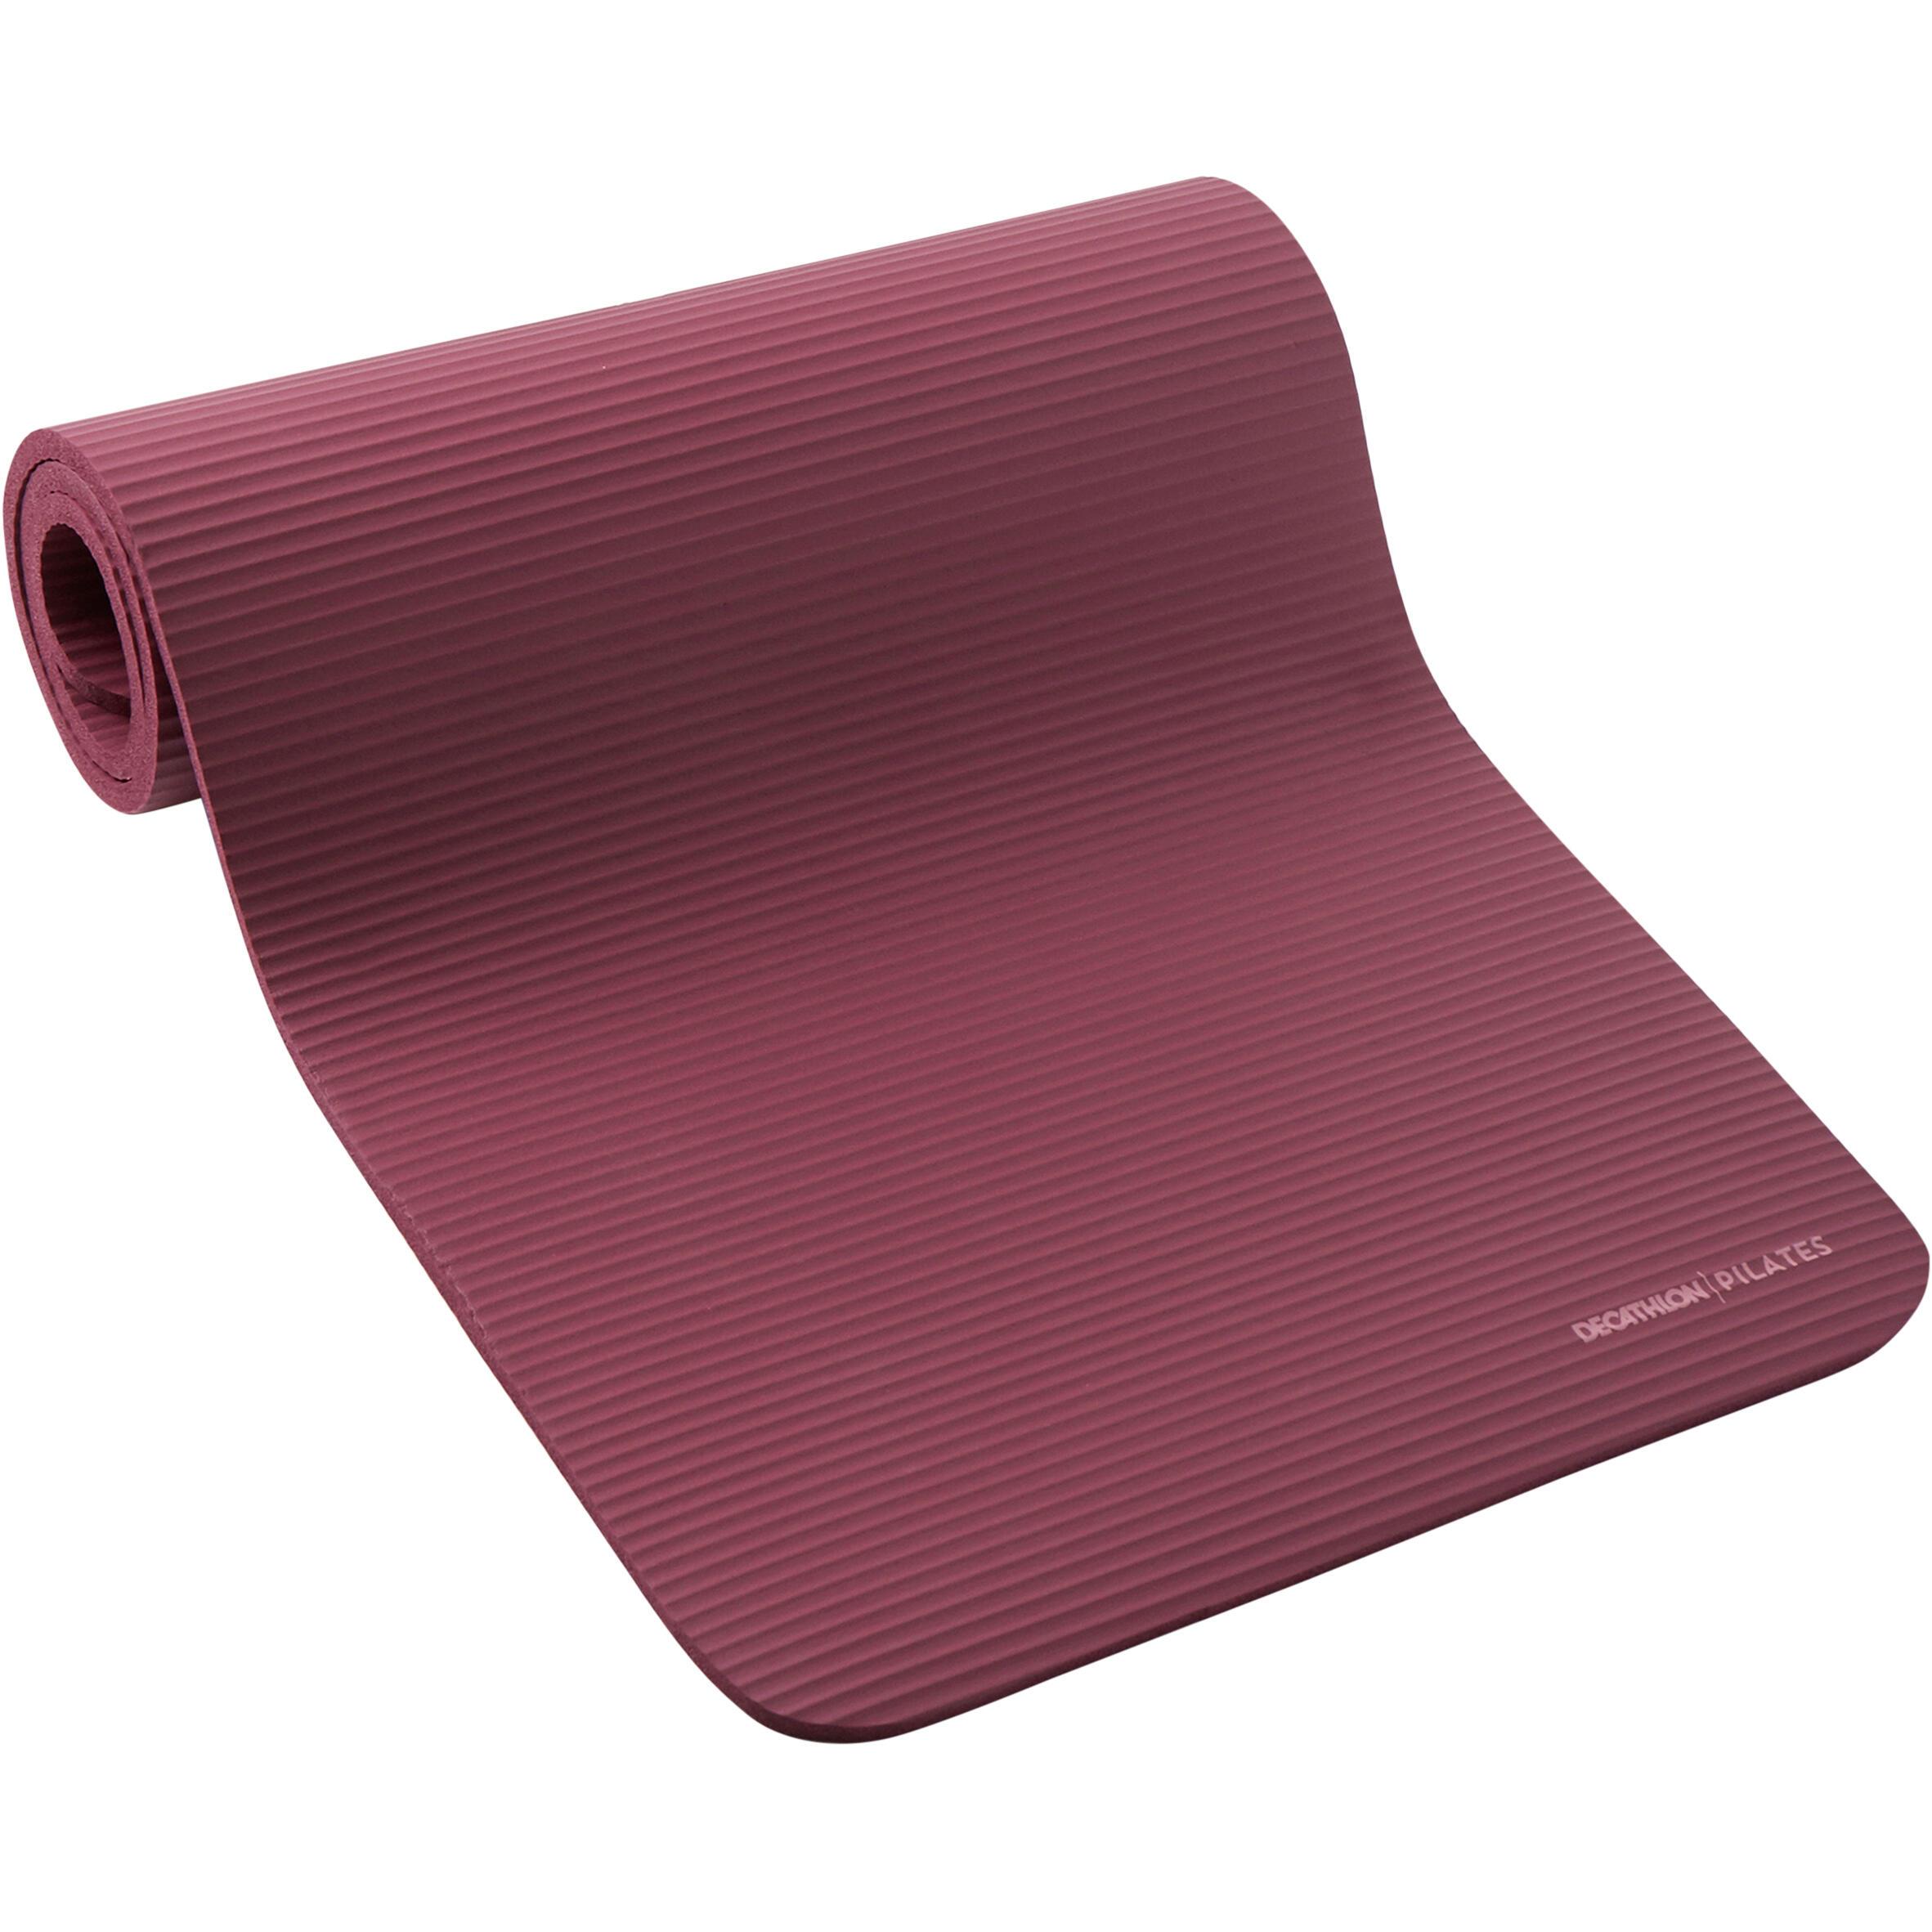 Domyos Gymmatje voor pilates 500 Comfort maat M 15 mm bordeaux kopen? Sport>Trainingsmateriaal>Trainingsmatjes met voordeel vind je hier